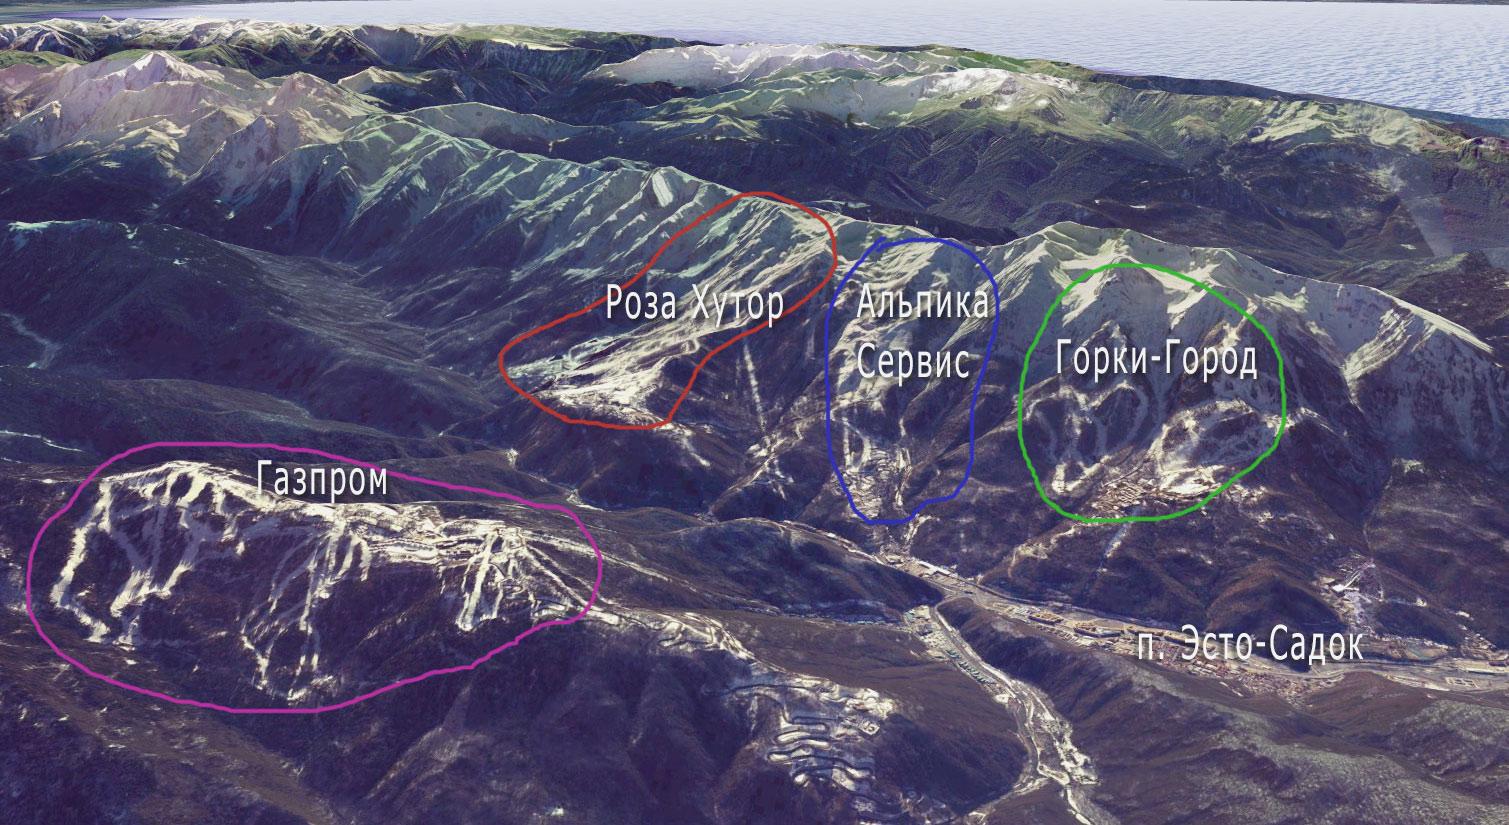 Рельефная карта горных курортов Сочи